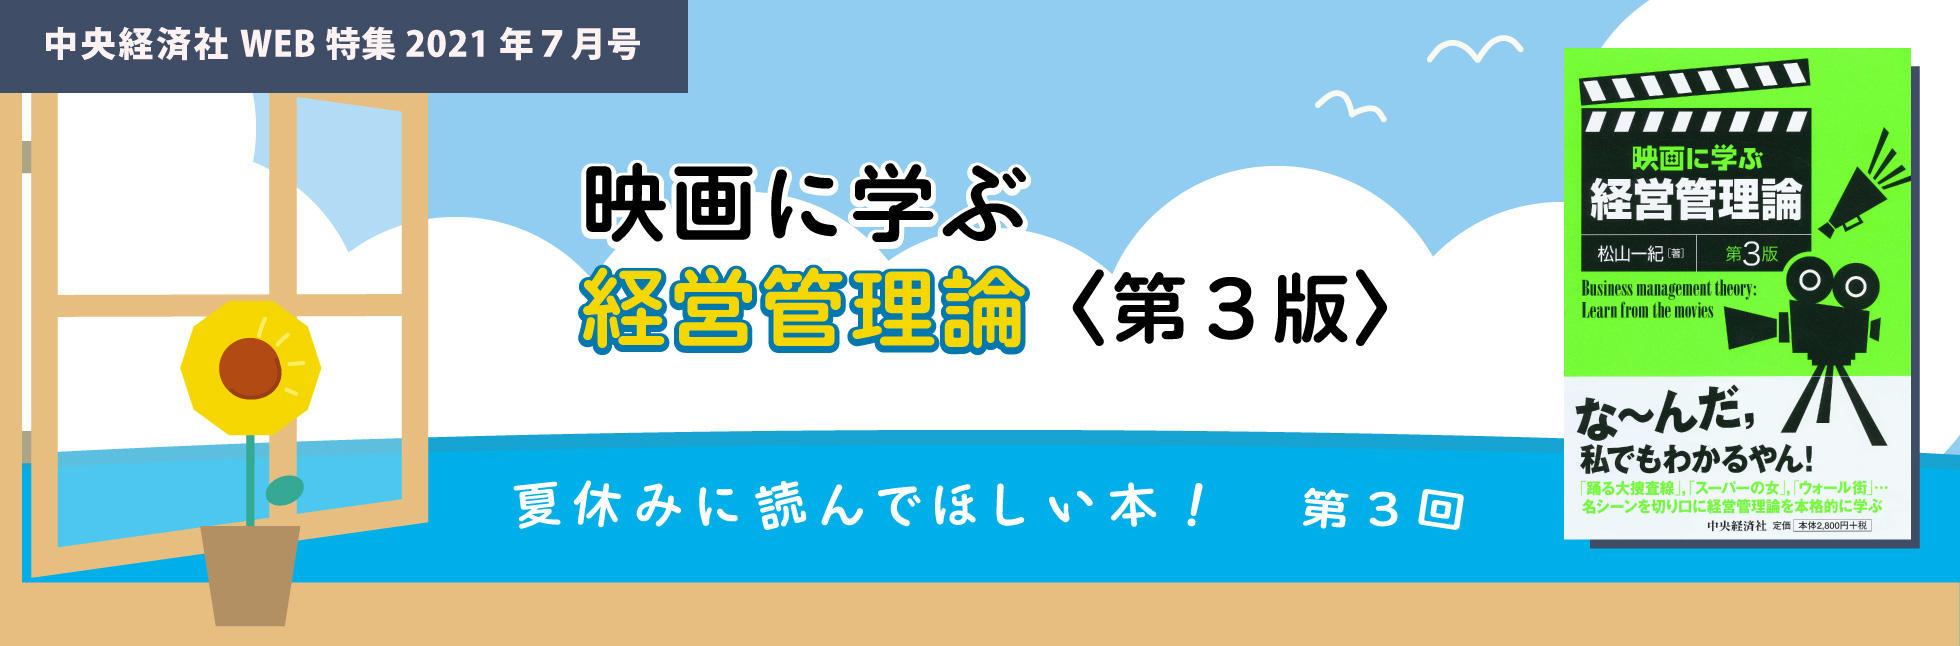 2021年7月特集「夏休みに読んでほしい本!」メイン画像